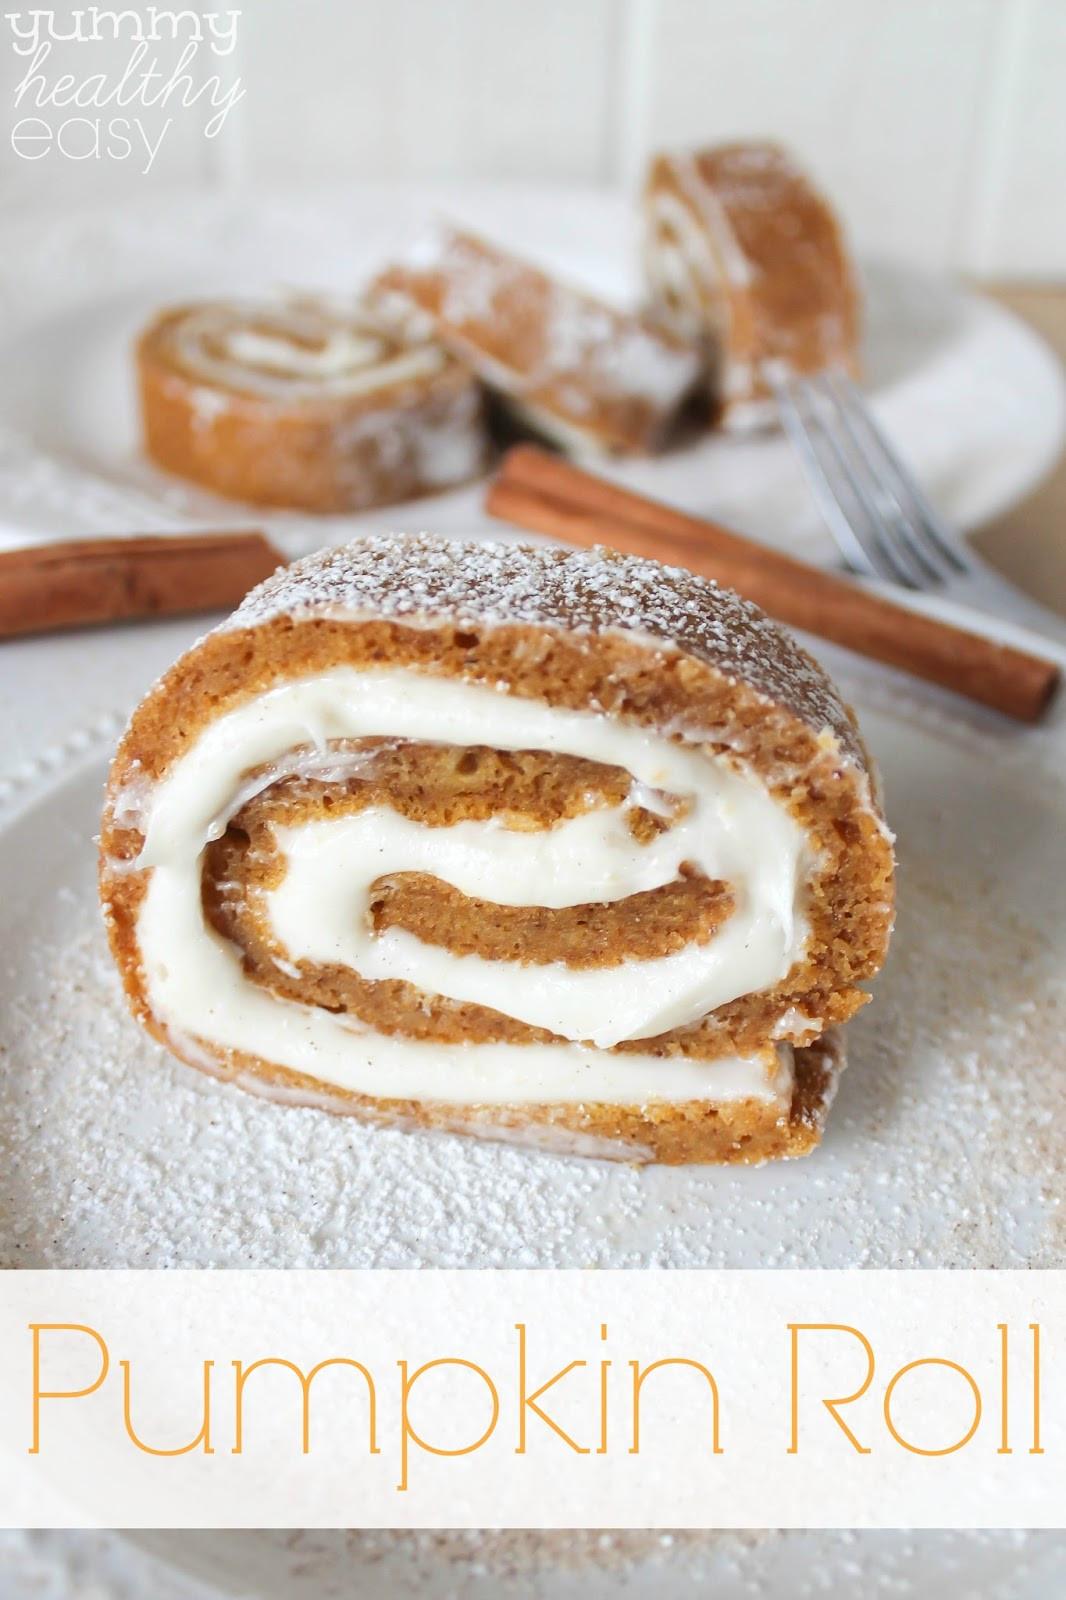 Good Easy Dessert Recipes  Easy Pumpkin Roll Dessert Yummy Healthy Easy